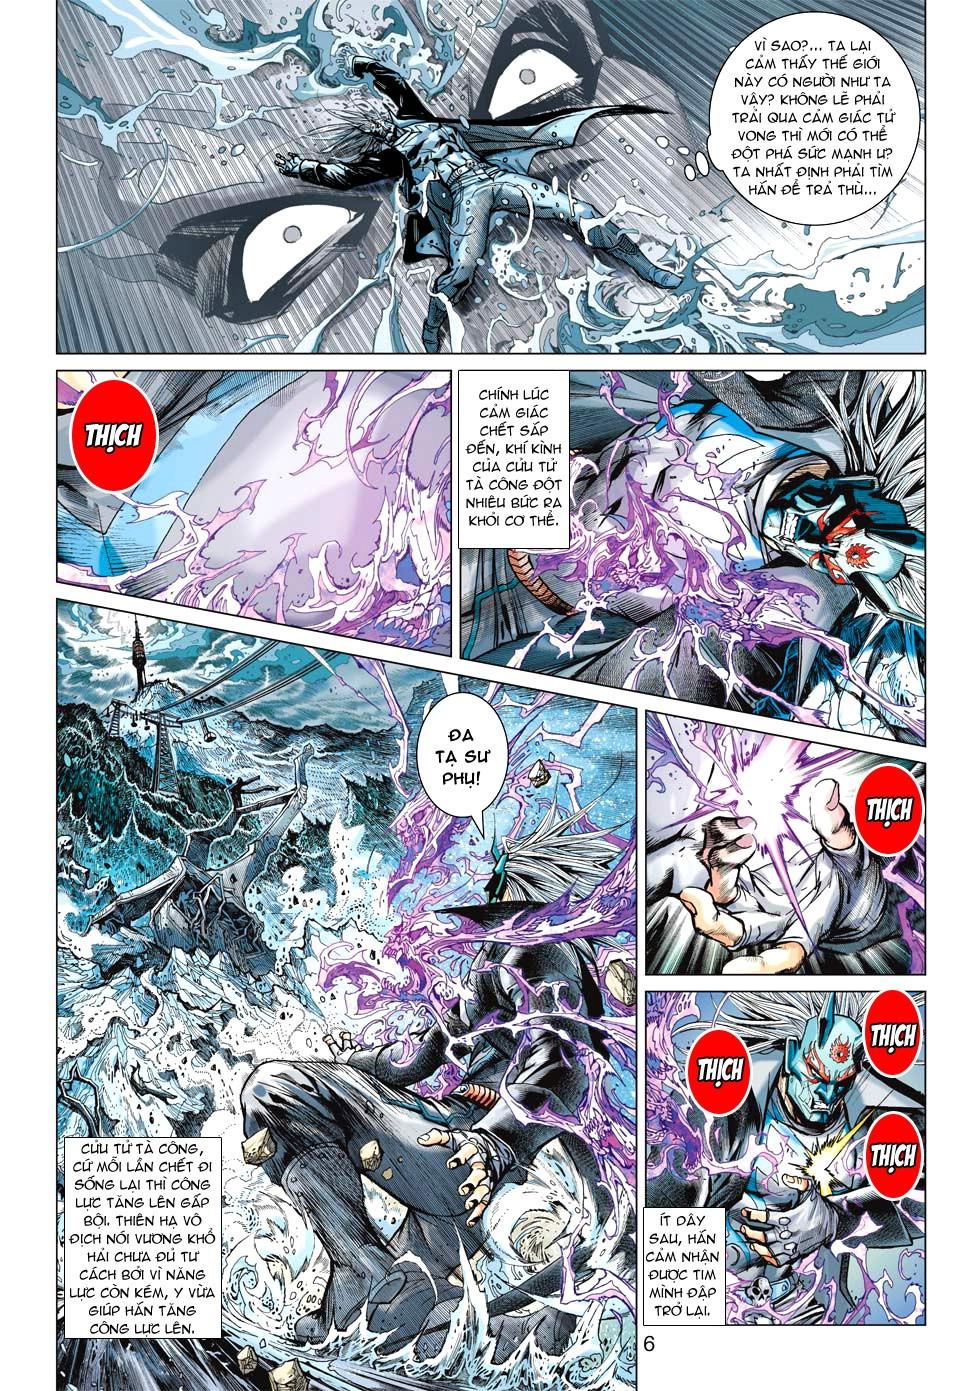 Vương Phong Lôi 1 chap 27 - Trang 5